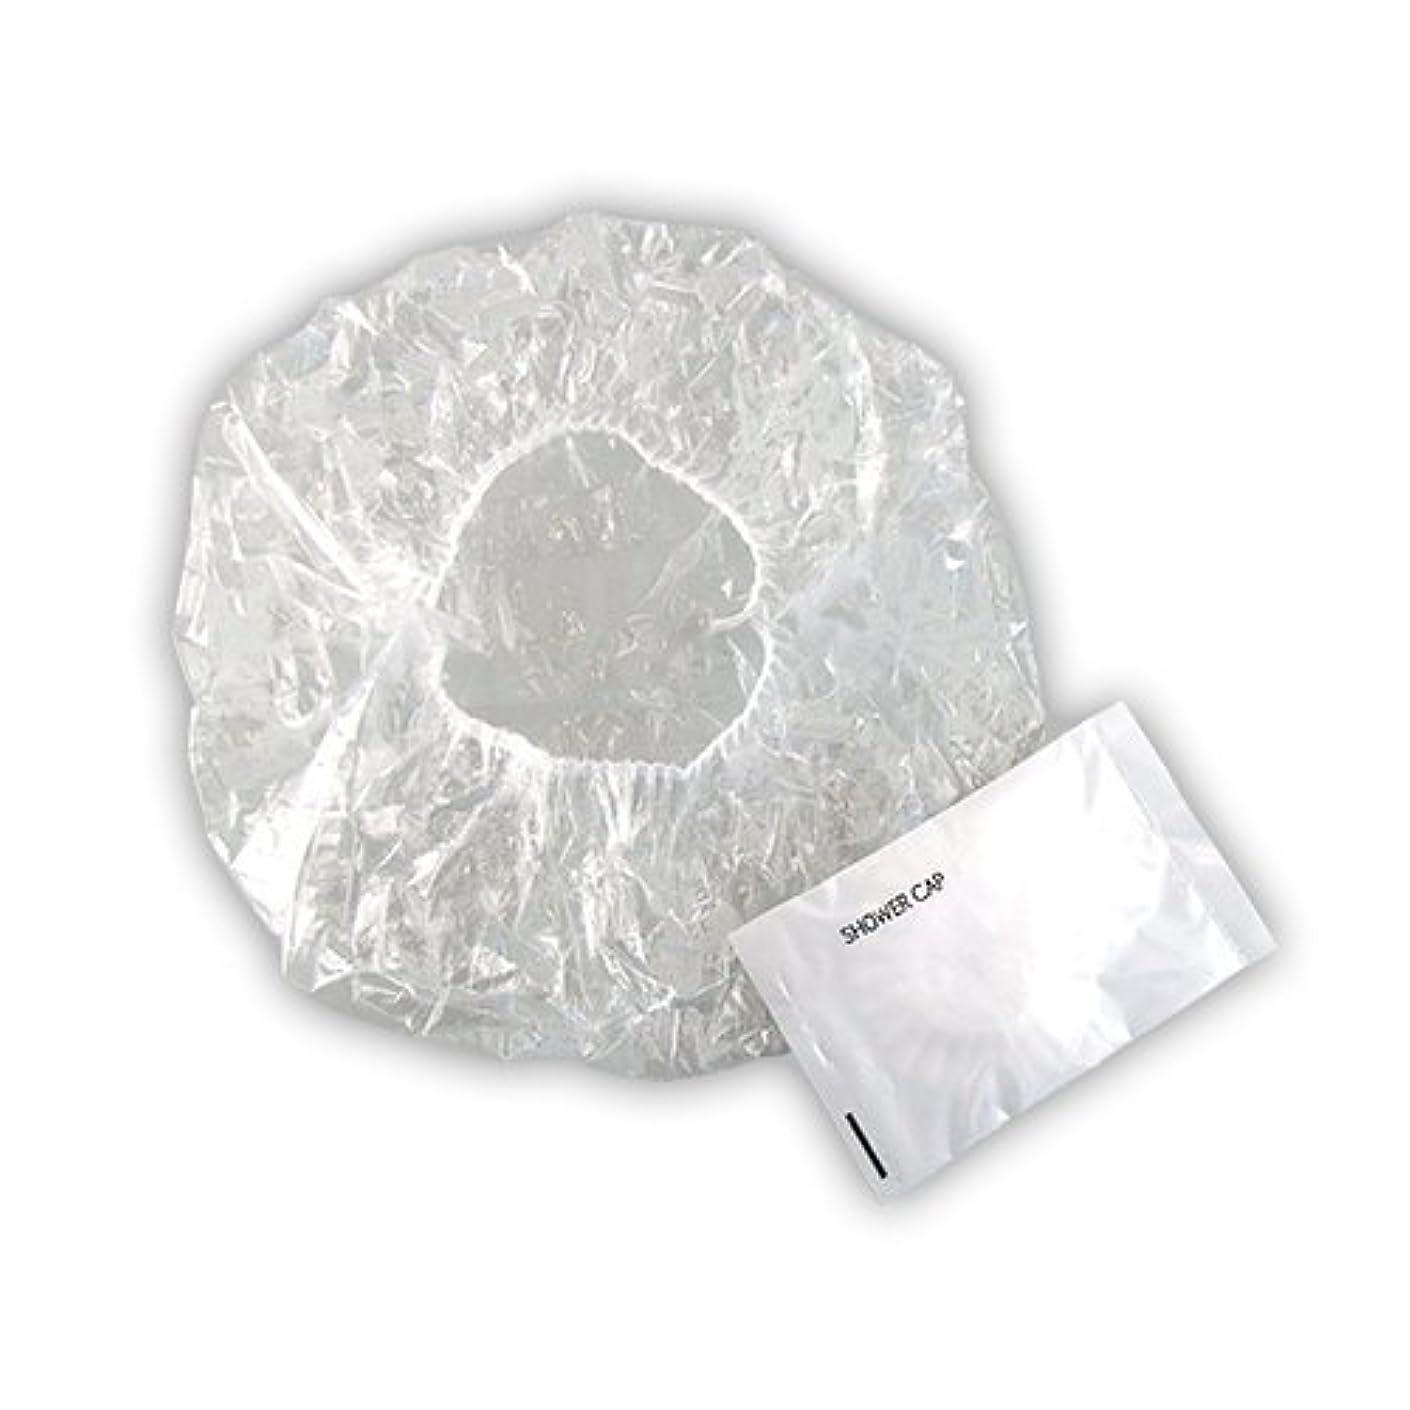 縫う計器嵐が丘使い捨て シャワーキャップ 業務用 個包装タイプ ×50個セット ホテルアメニティ (SHOWER CAP)